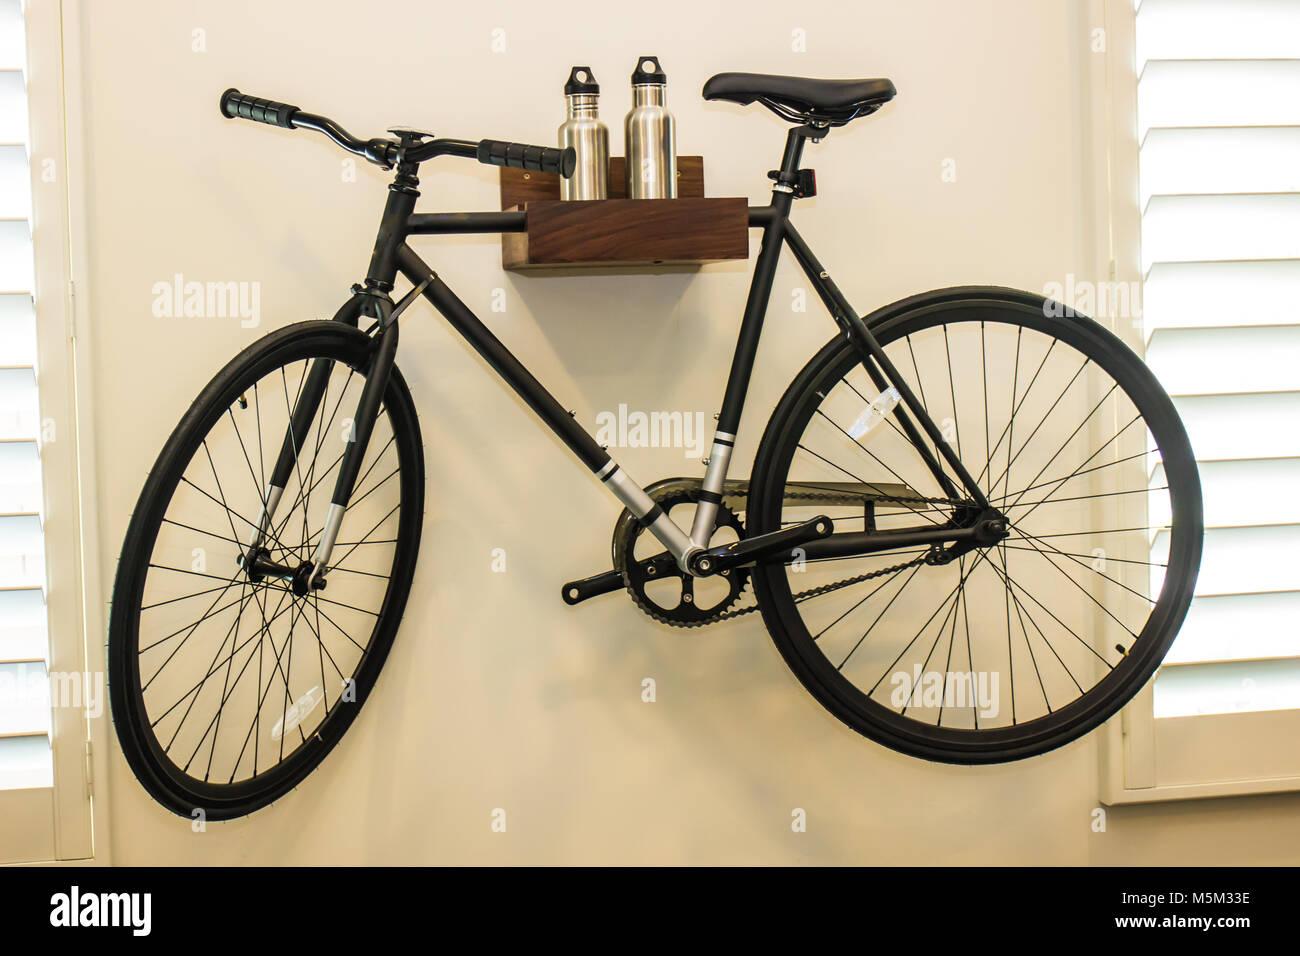 Fahrrad Hängen An Schlafzimmer Wand Als Dekoration Stockfoto Bild